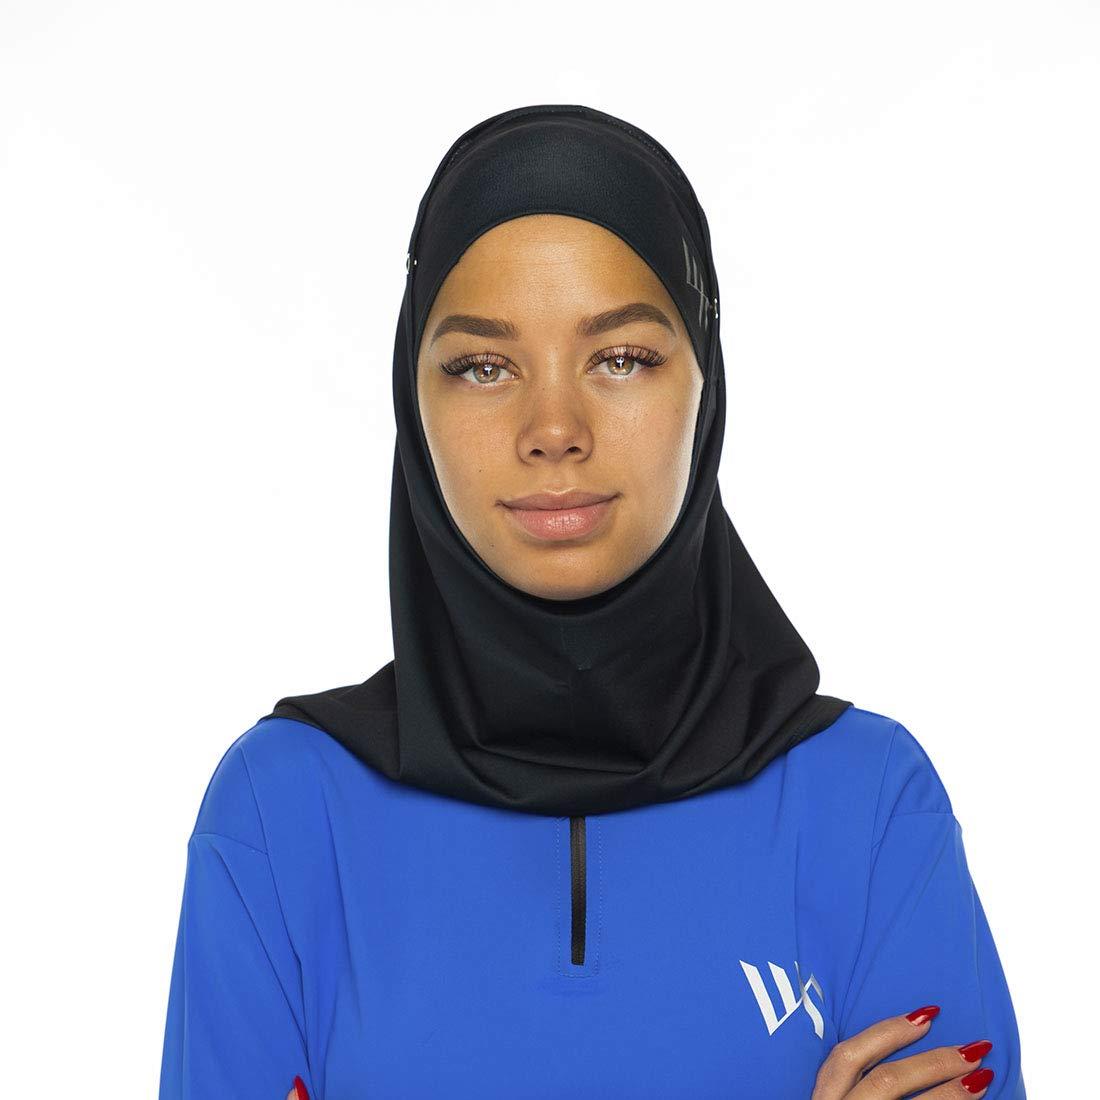 SnapJab Sports Hijab (Black)